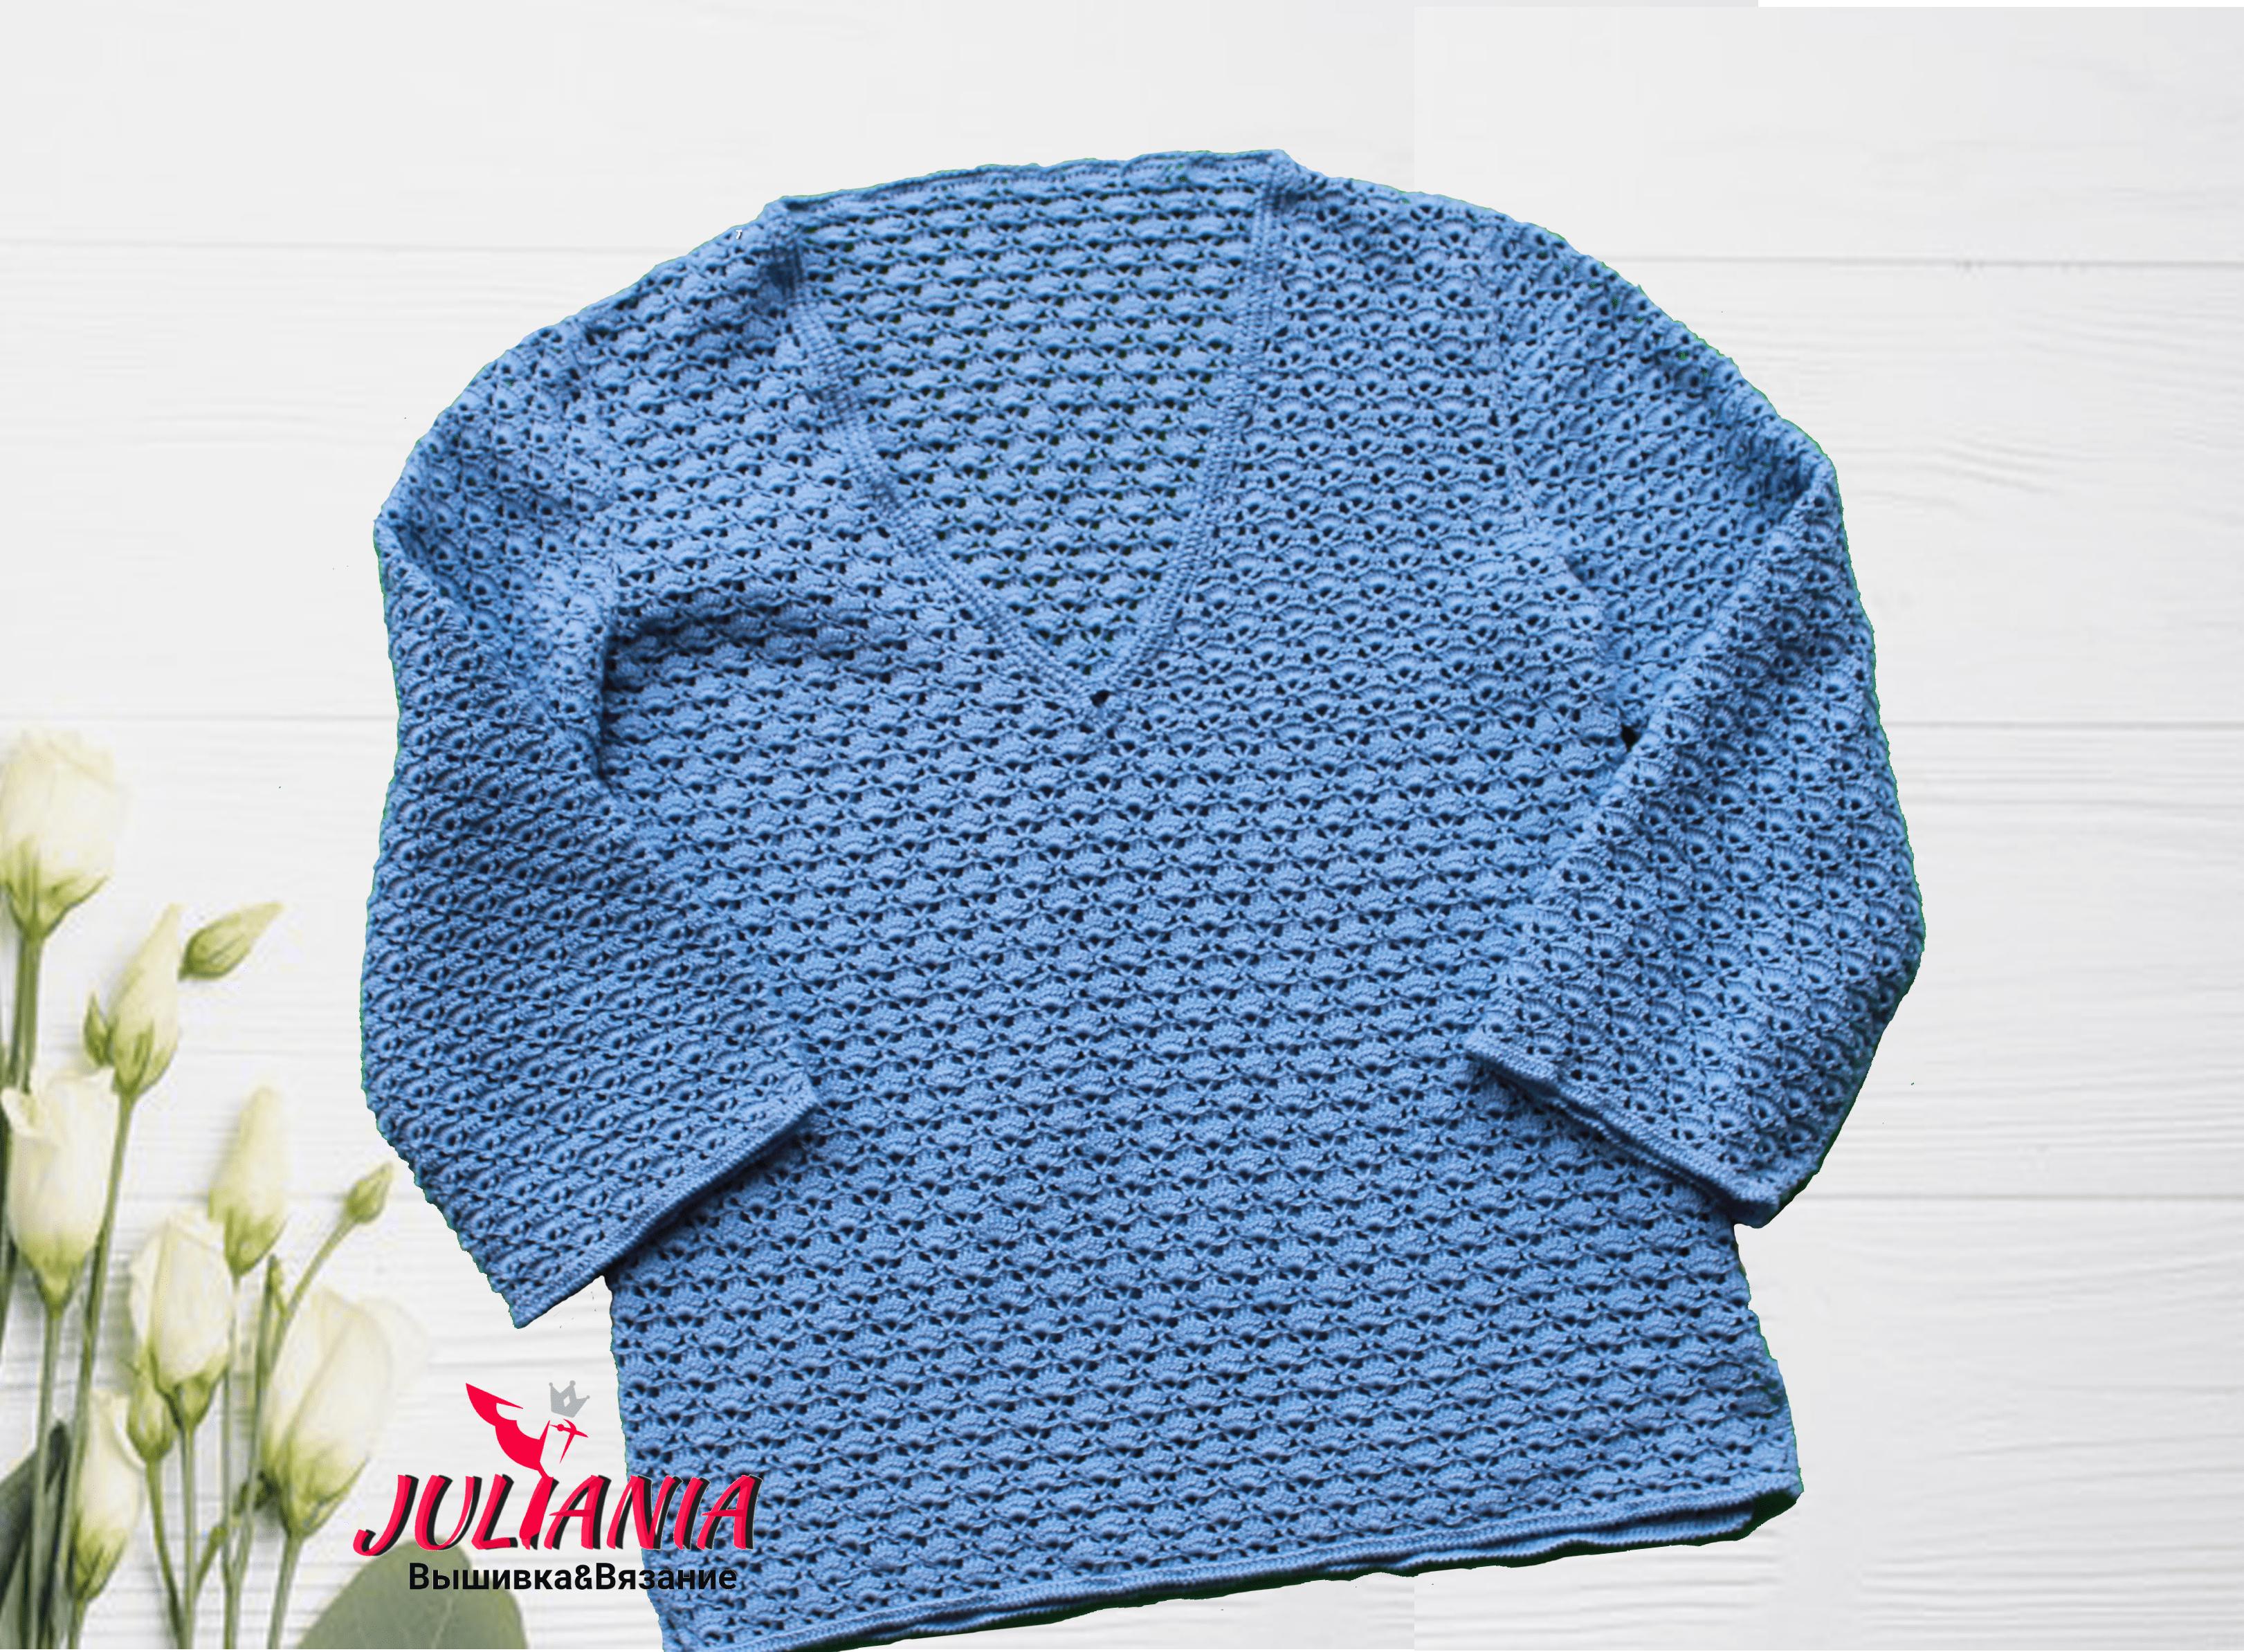 руками связано тёмно синий женщине кофта женская купить работа вязка связанная ручная вязаная подарок кофточка девушке крючком